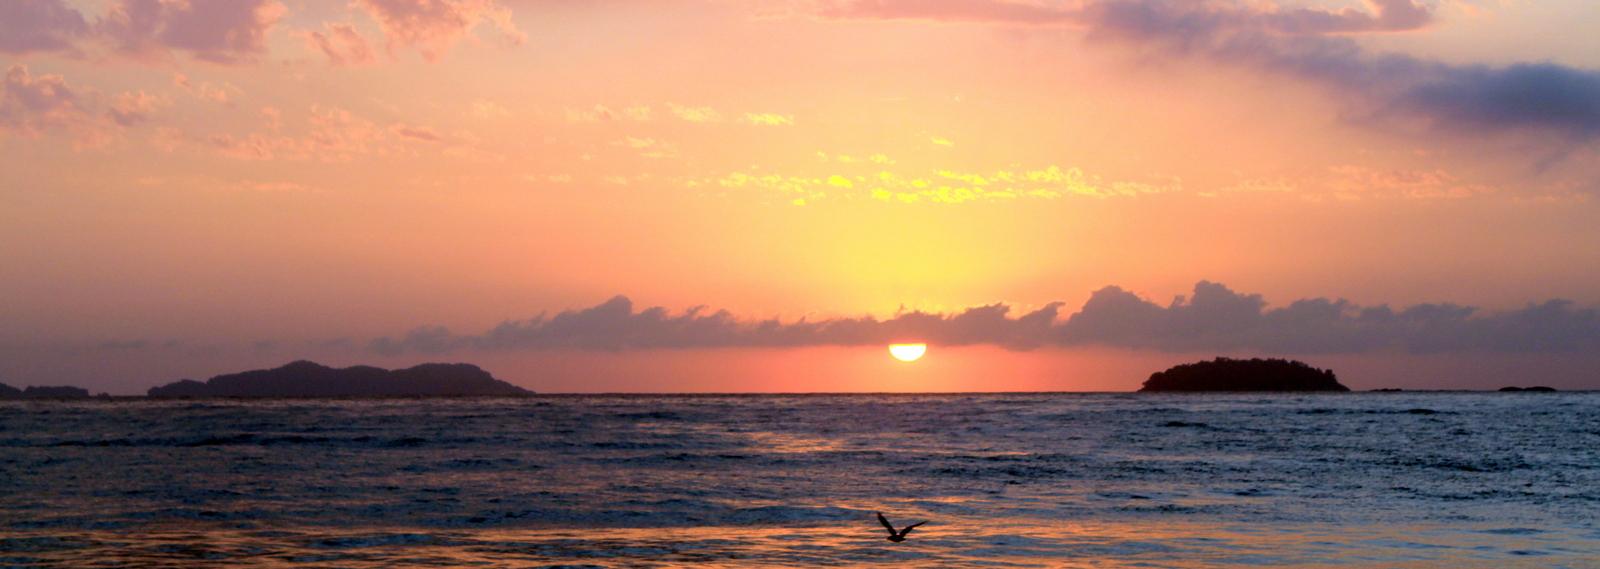 Ubatuba, Sunrise